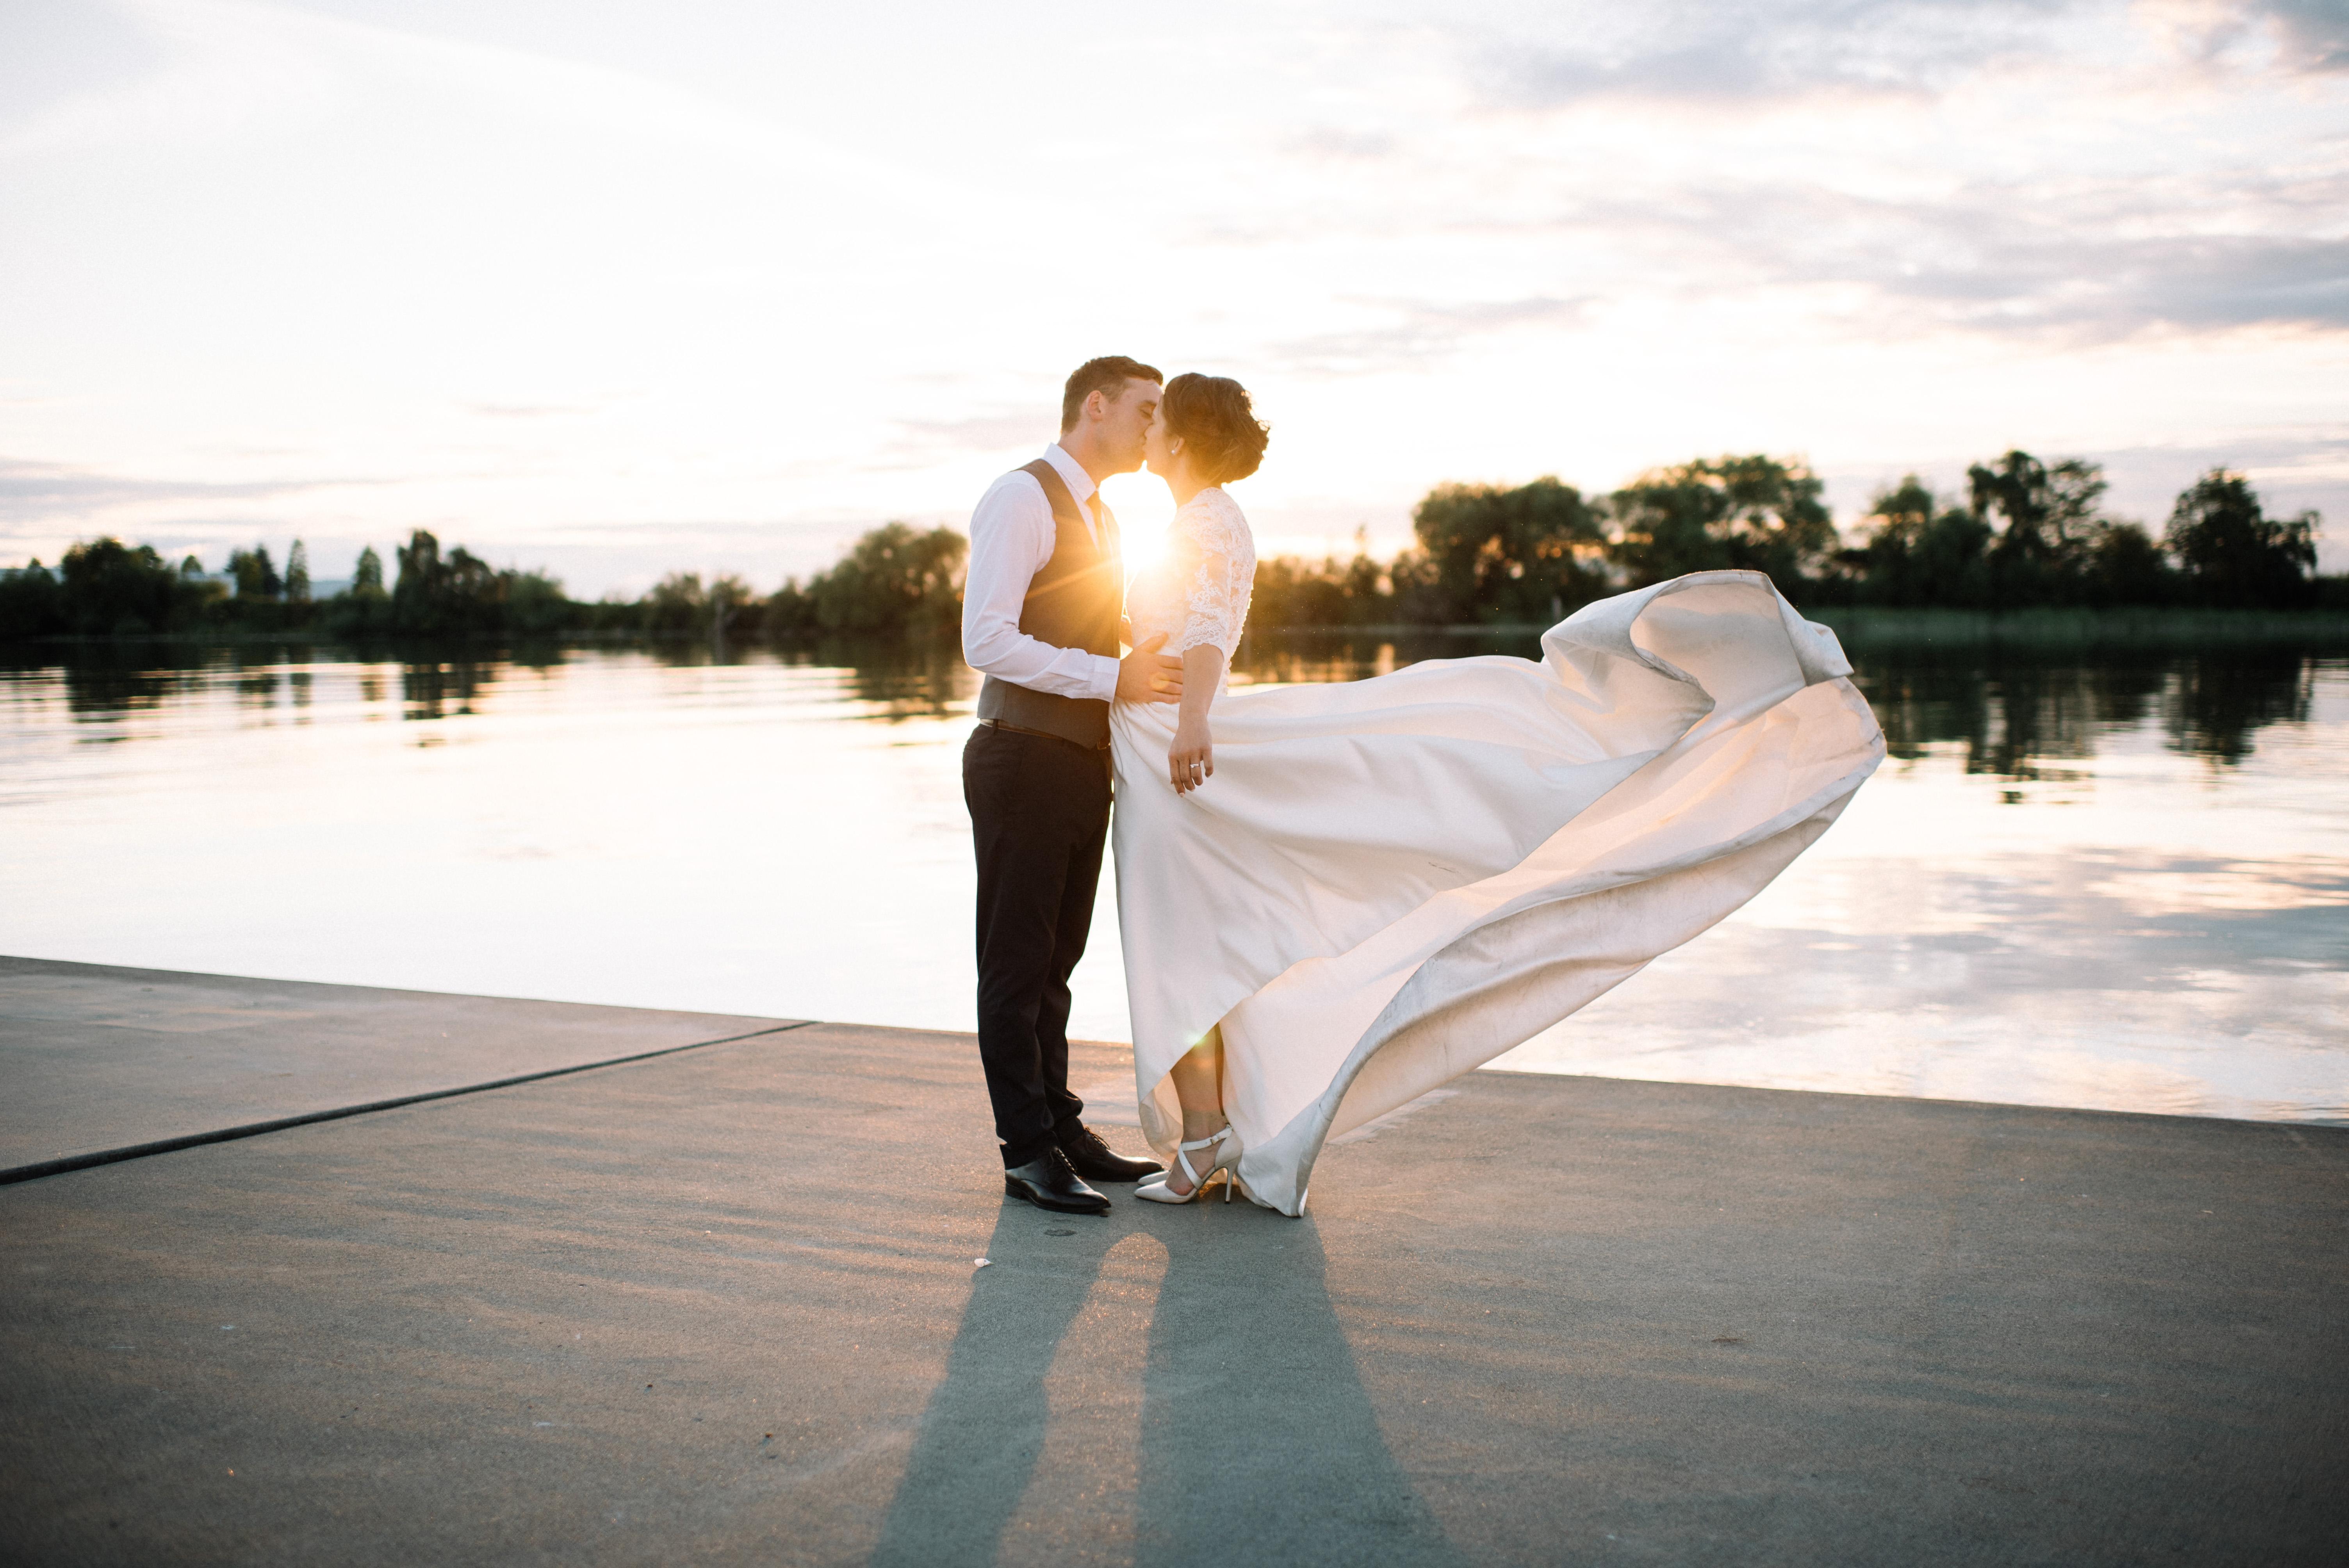 http://iamjohnyoo.com // IAMJOHNYOO PHOTOGRAPHY // @iamjohnyoo